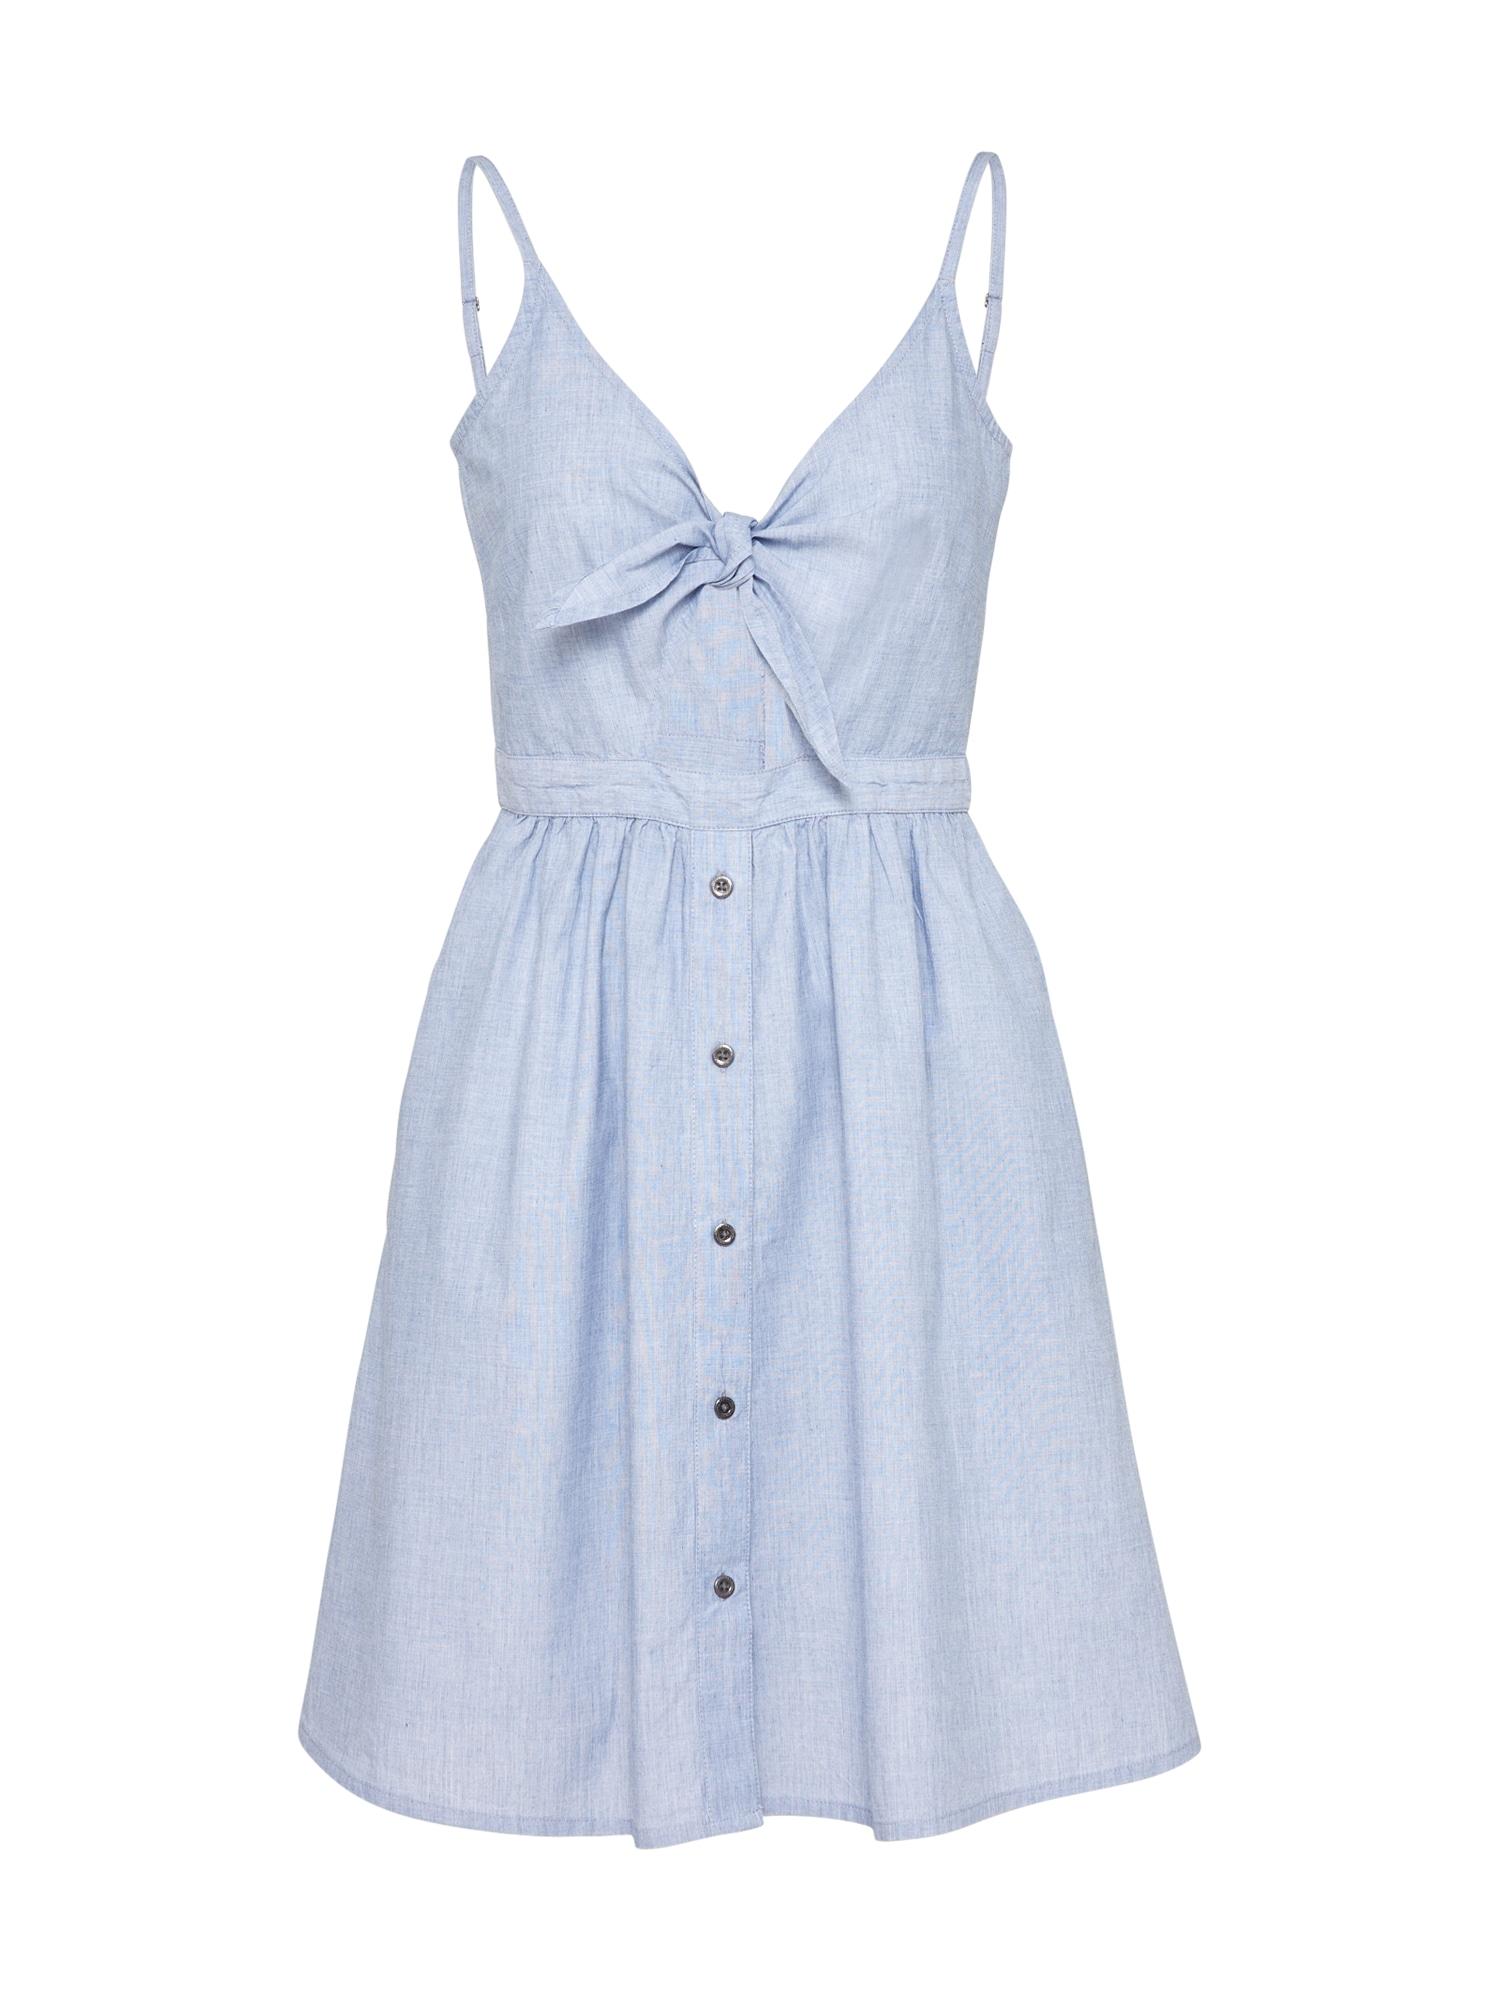 Letní šaty Nola světlemodrá Desires